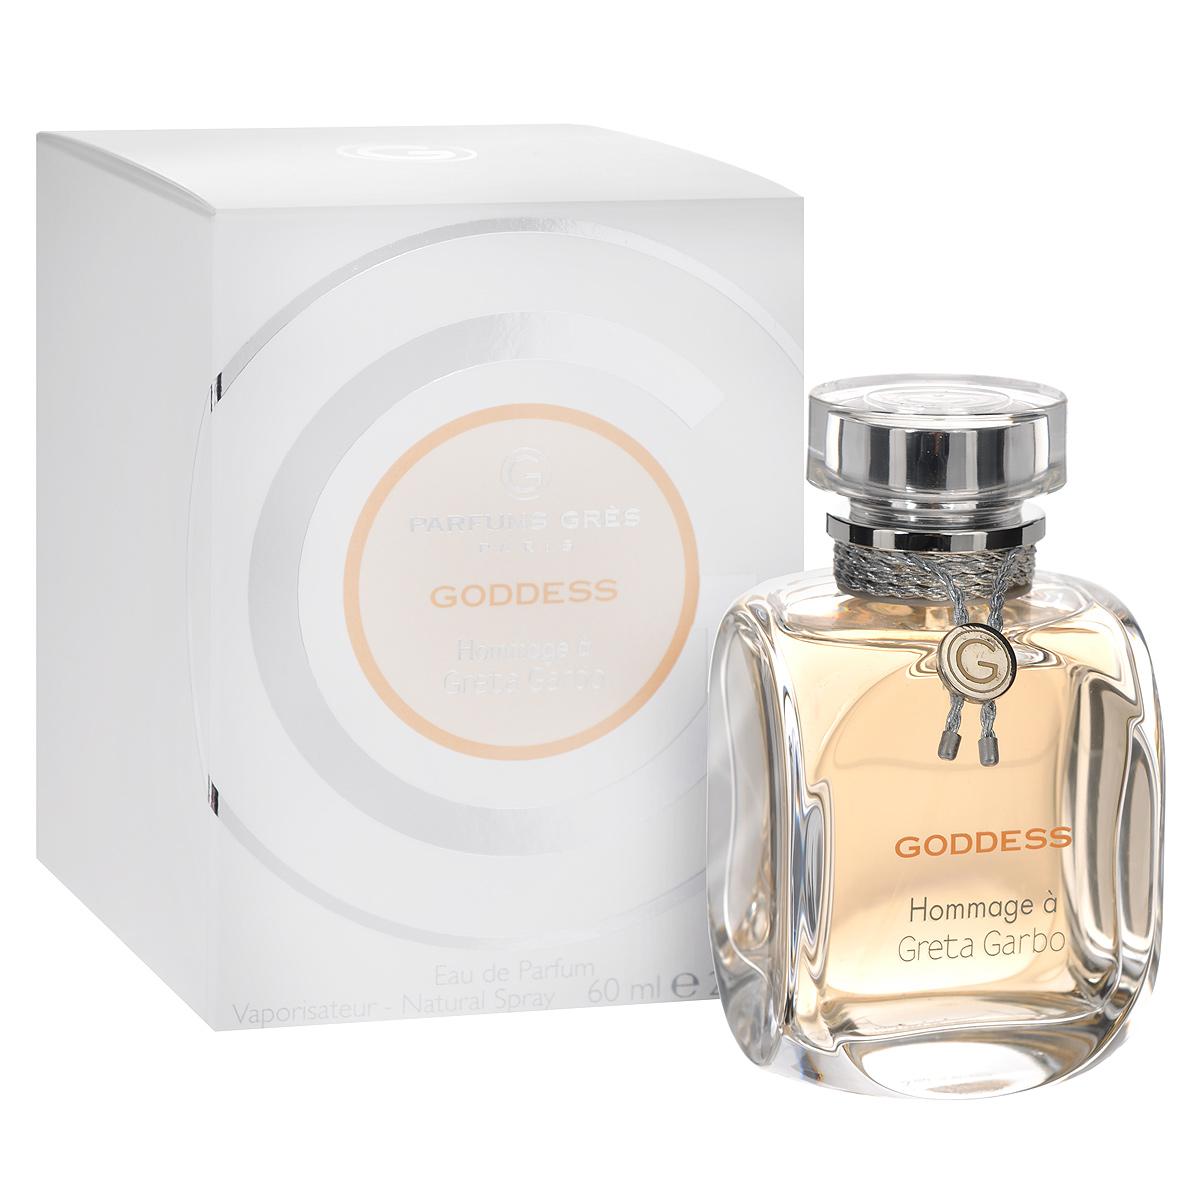 Gres Парфюмерная вода Greta Garbo Goddess, женская, 60 млC00.7560.00Утонченная парфюмерная вода Greta Garbo Goddess, разработанная Marie Salamagne, звучит посвящением величайшей кинодиве 30-х годов Грете Гарбо. Название аромата Goddess (Богиня) отражает черты самой Гарбо - это восхищение красотой, элегантностью и чувственностью знаменитой актрисы. Классификация аромата: цветочно-фруктовый. Пирамида аромата: Верхние ноты: слива, мандарин, кардамон. Ноты сердца: корица, гелиотроп, жасмин, сандал. Ноты шлейфа: древесный мох, ваниль и амбра. Ключевые слова: Элегантный, утонченный, чувственный! Самый популярный вид парфюмерной продукции на сегодняшний день - парфюмерная вода. Это объясняется оптимальным балансом цены и качества - с одной стороны, достаточно высокая концентрация экстракта (10-20% при 90% спирте), с другой - более доступная, по сравнению с духами, цена. У многих фирм парфюмерная вода - самый высокий по концентрации экстракта вид товара, т.к. далеко...